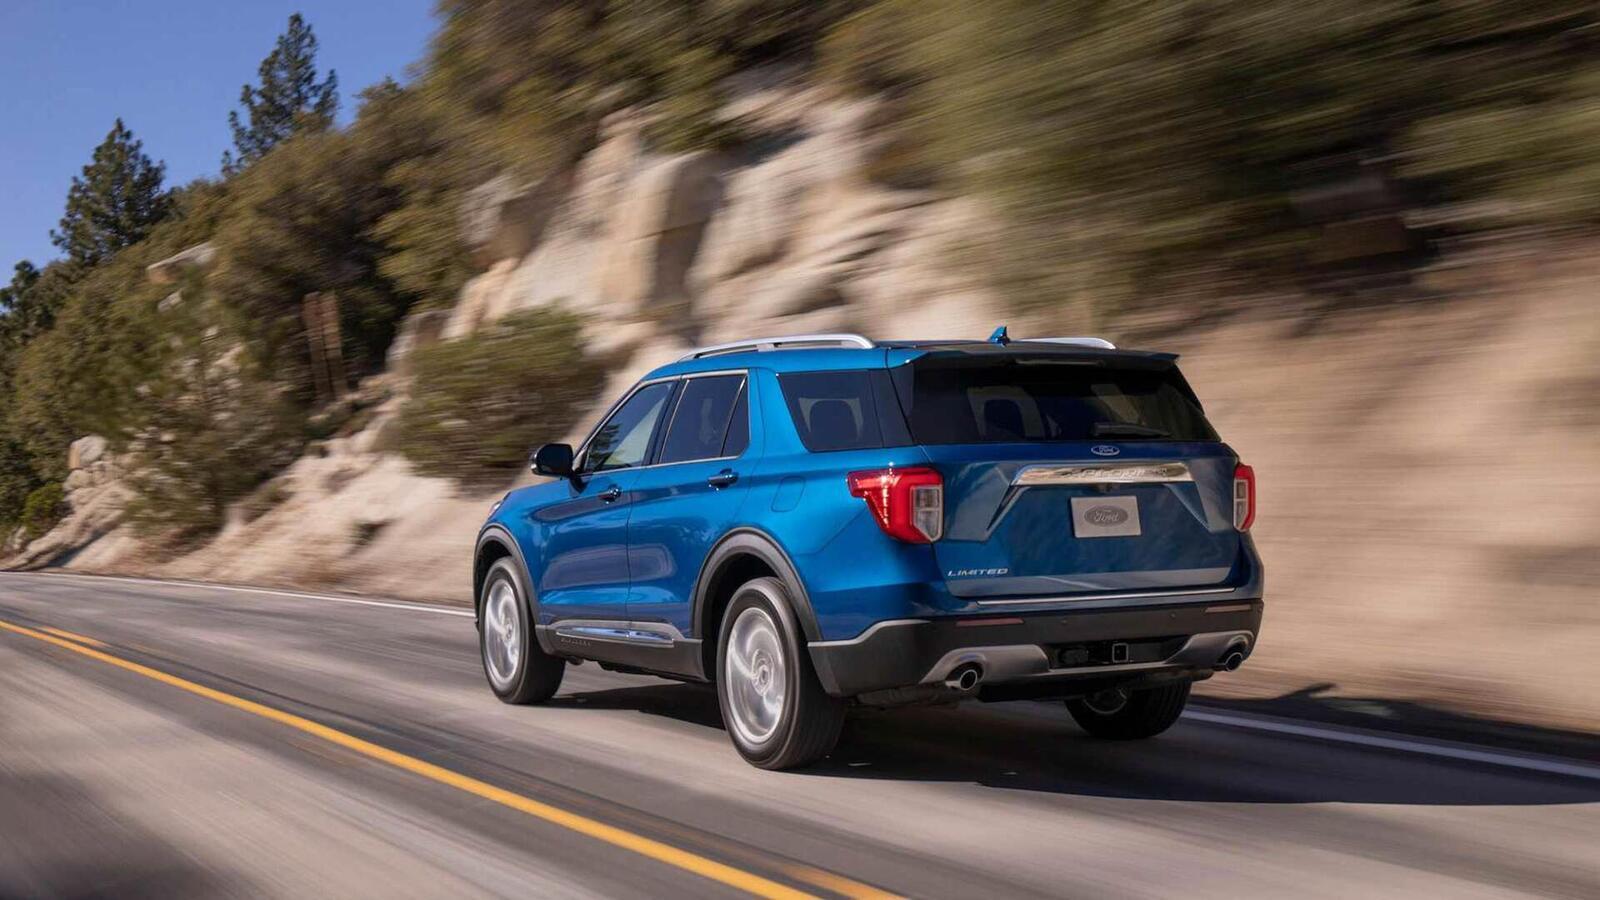 Ford Explorer 2020 thế hệ mới ra mắt; thiết kế mới và cải thiện khả năng vận hành - Hình 4